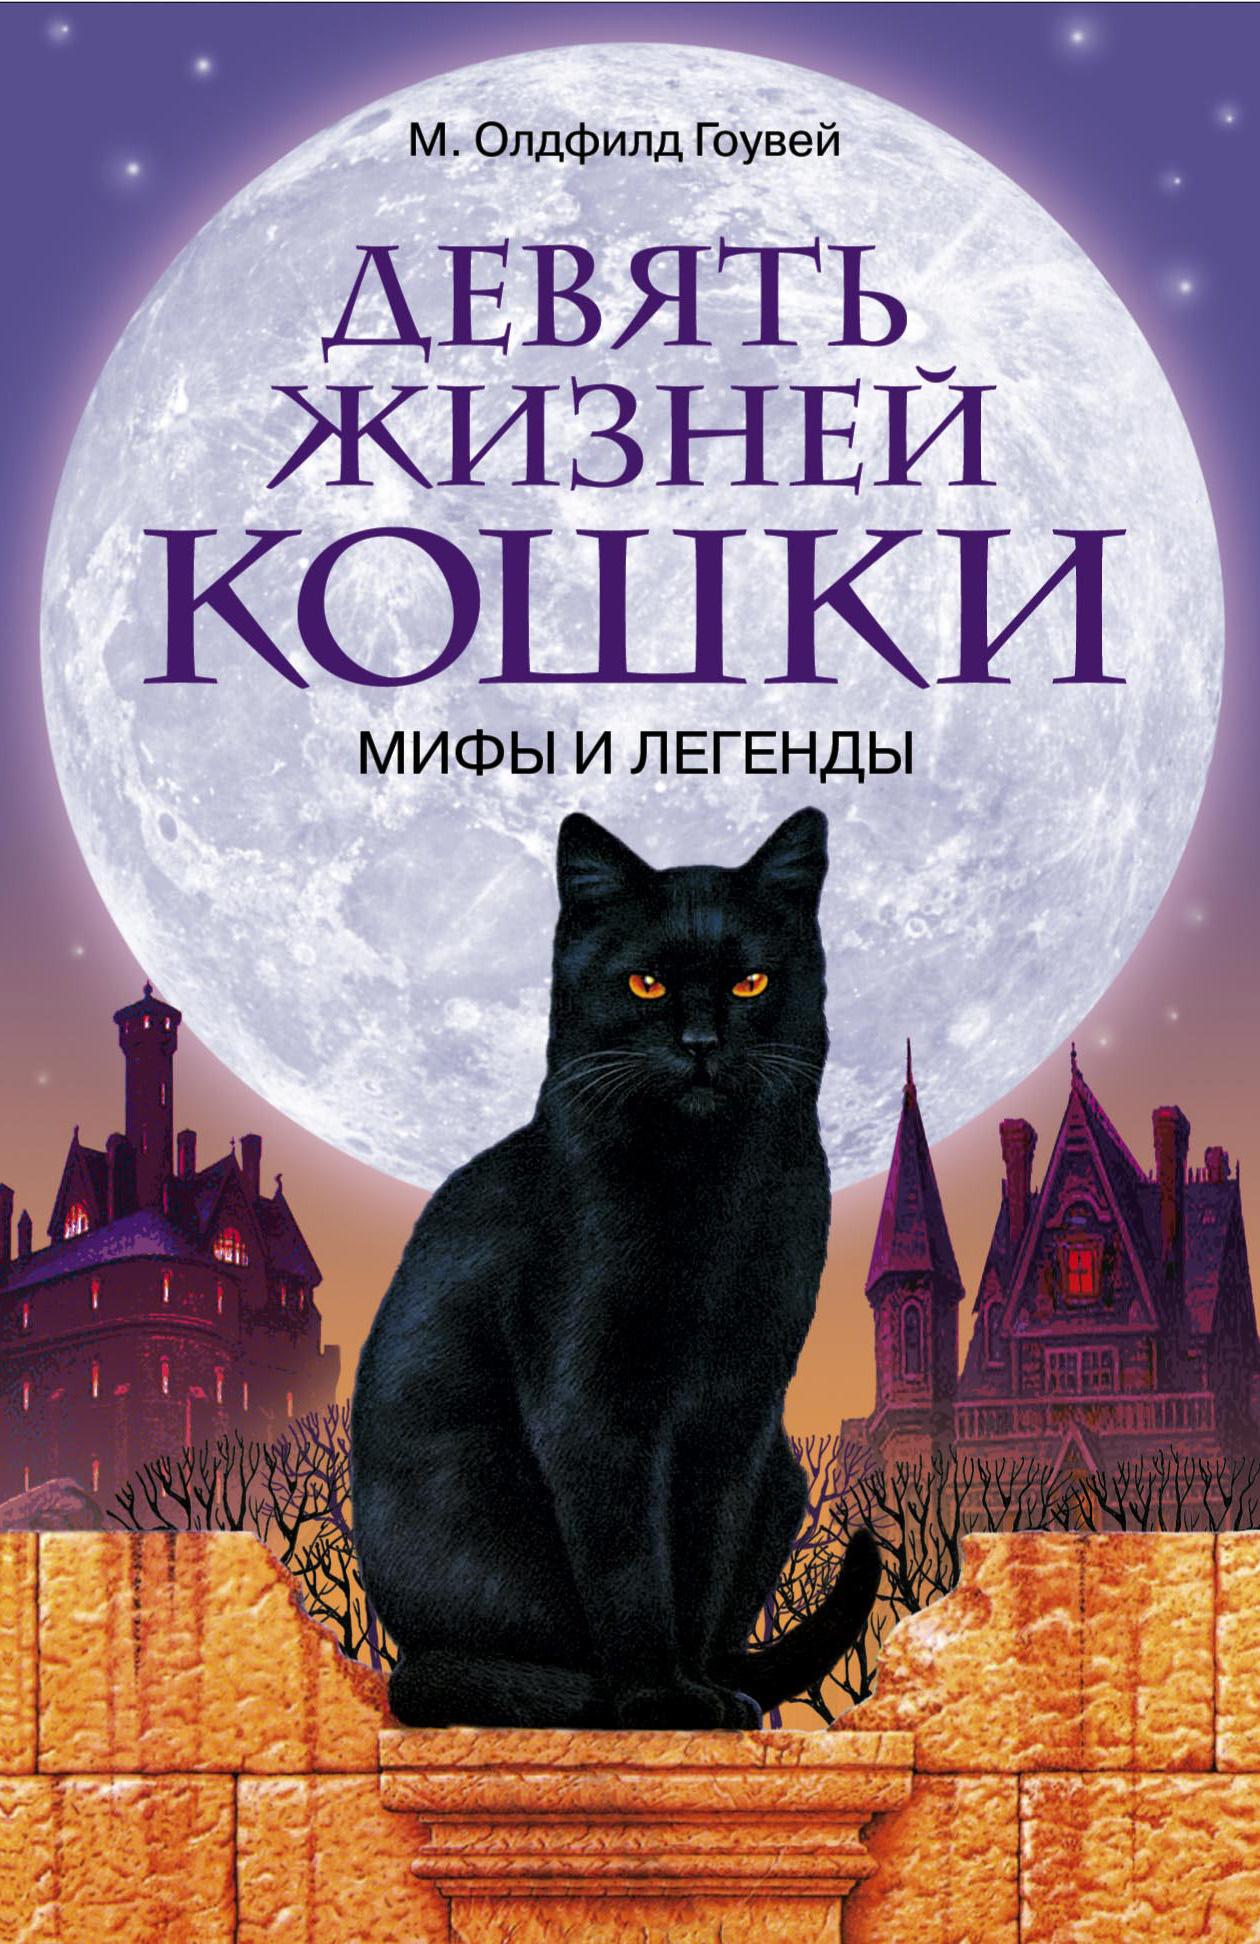 М. Олдфилд Гоувей Девять жизней кошки. Мифы и легенды